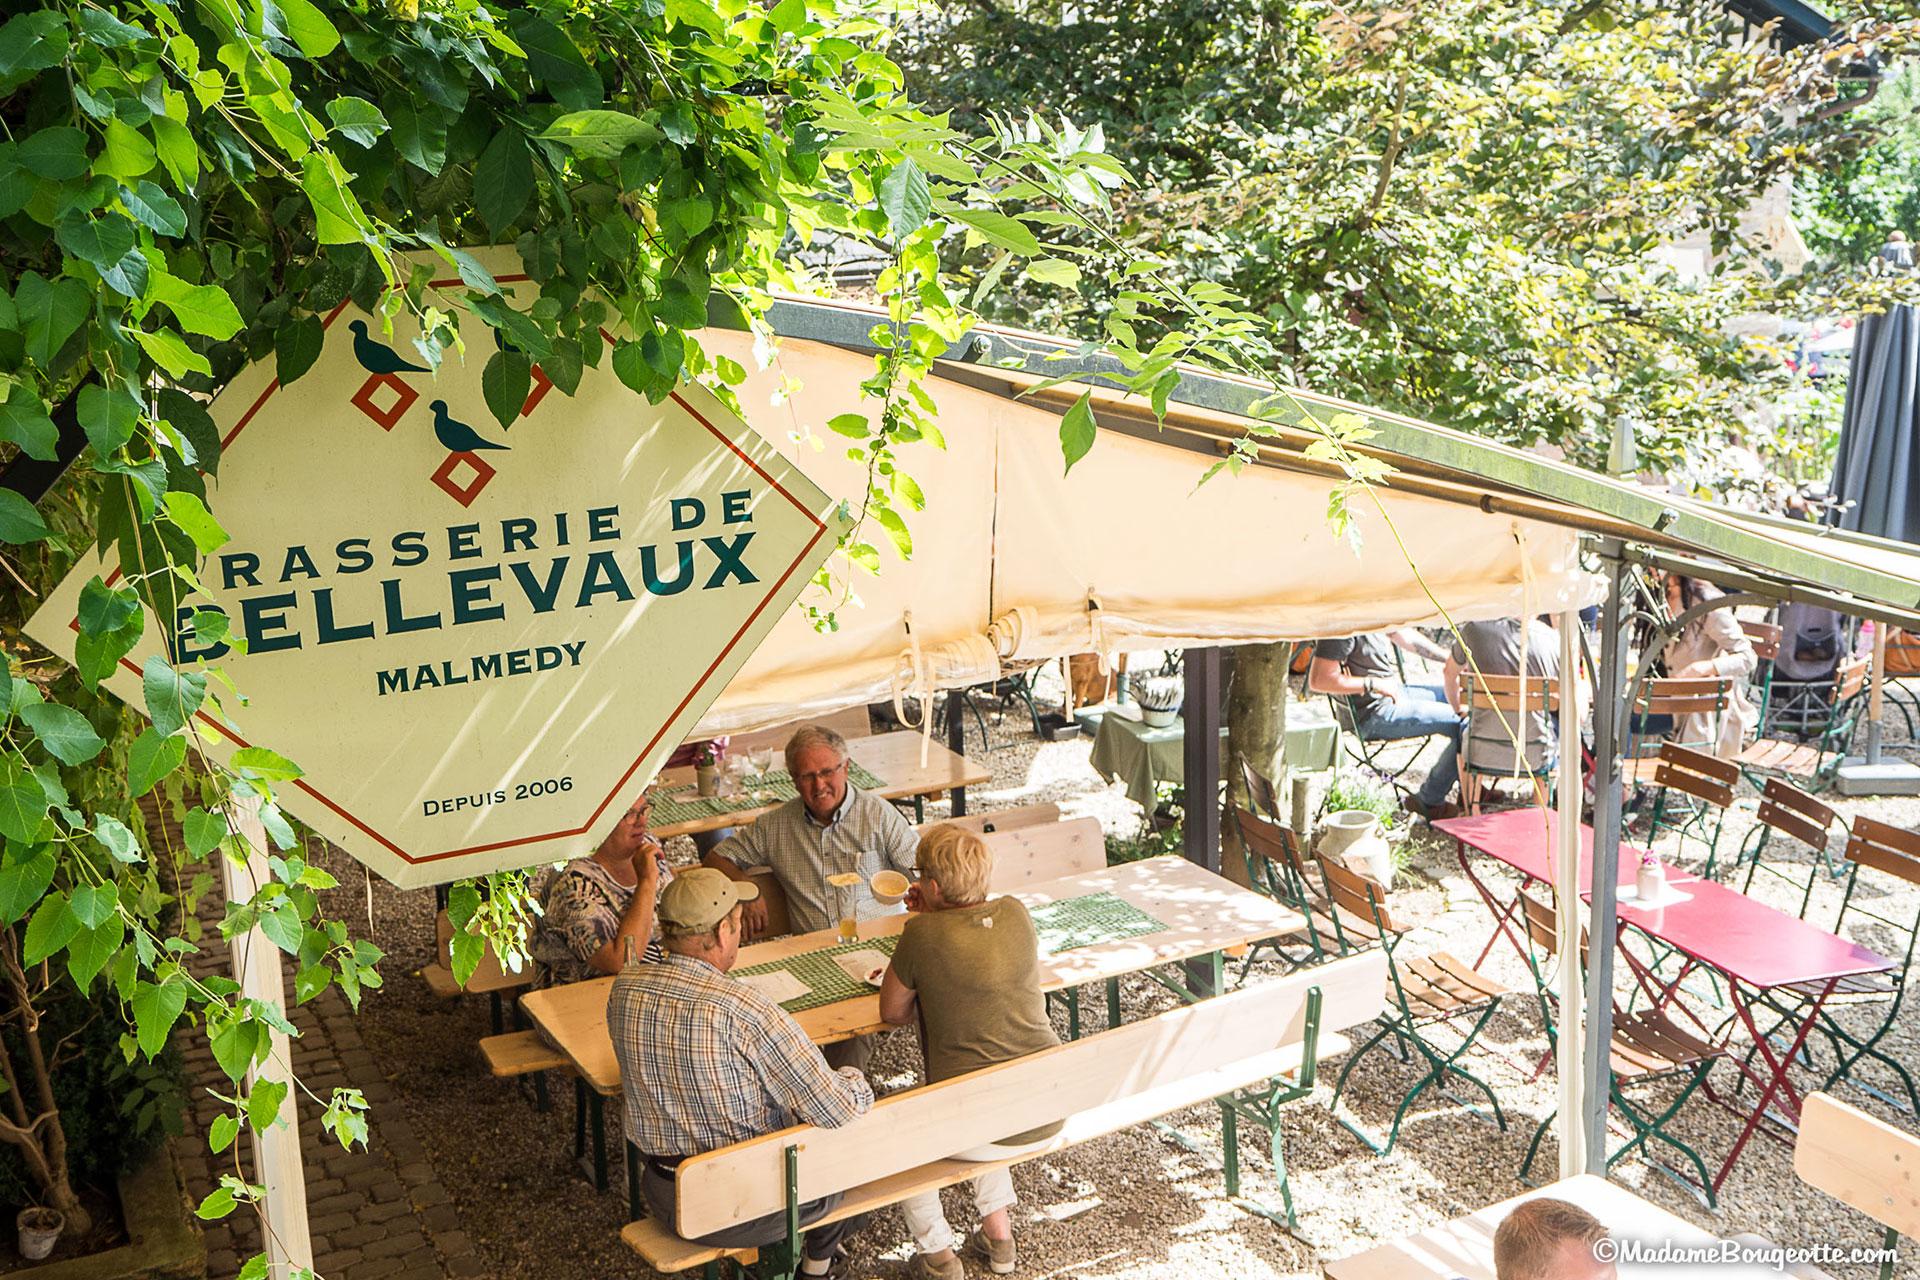 Randonnée - Bellevaux - Madame Bougeotte